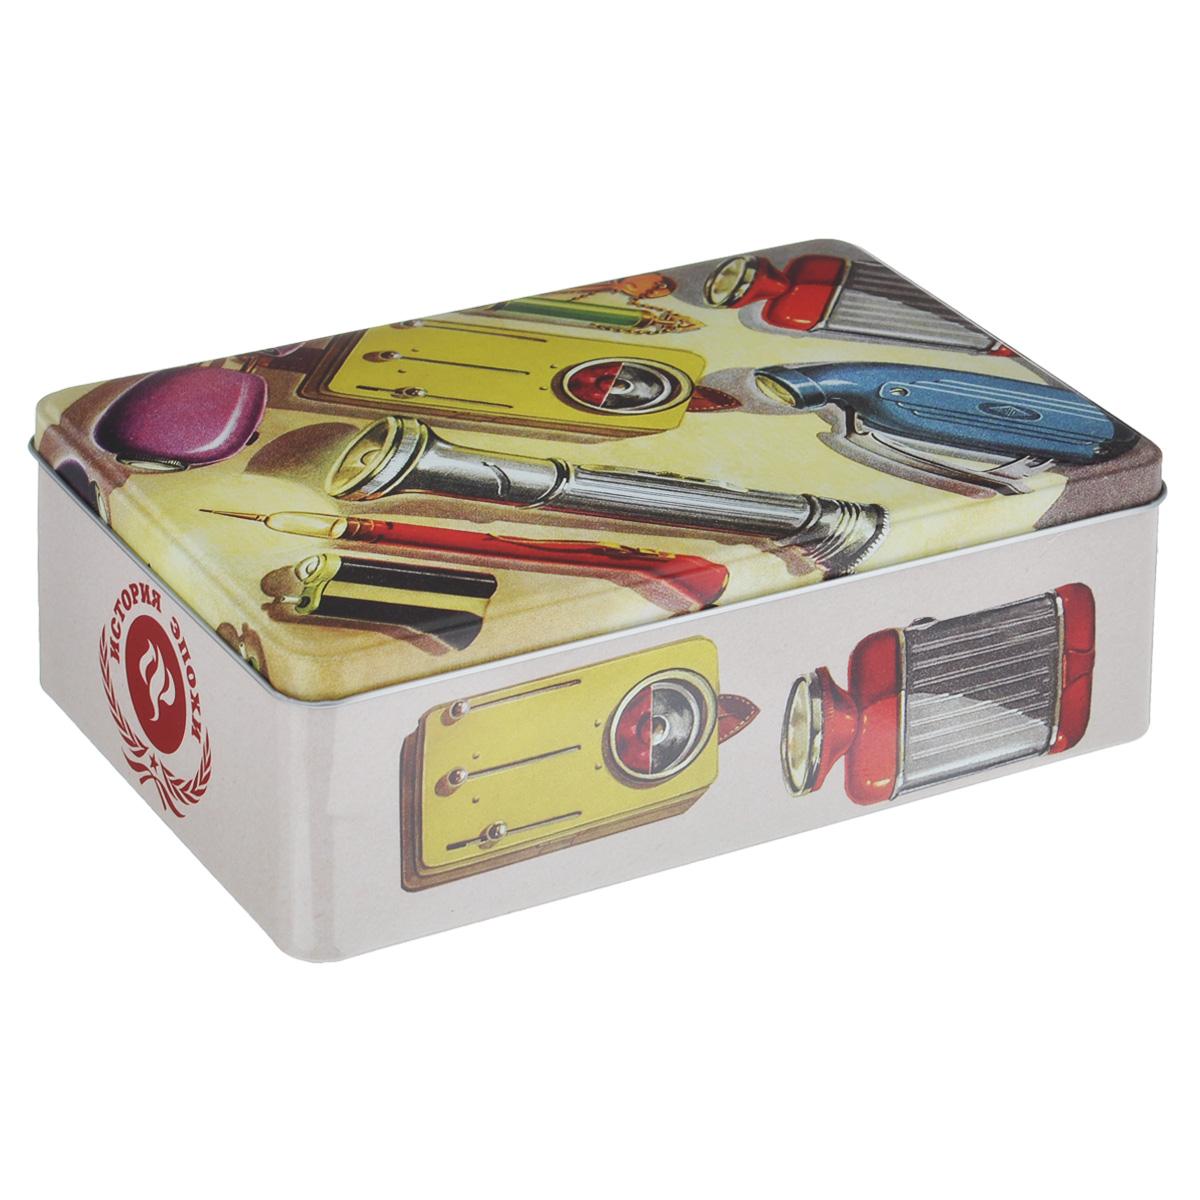 Коробка для хранения Феникс-презент Инструменты, 20 см х 13 см х 6,5 см37668Коробка для хранения Феникс-презент Инструменты, выполненная из металла, декорирована изображением различных инструментов. Внутри коробки имеется одно вместительное отделение. Крышка изделия открывается с помощью откидного механизма.Коробка для хранения Феникс-презент Инструменты станет оригинальным украшением интерьера и позволит хранить украшения, бижутерию, а также предметы шитья или рукоделия.